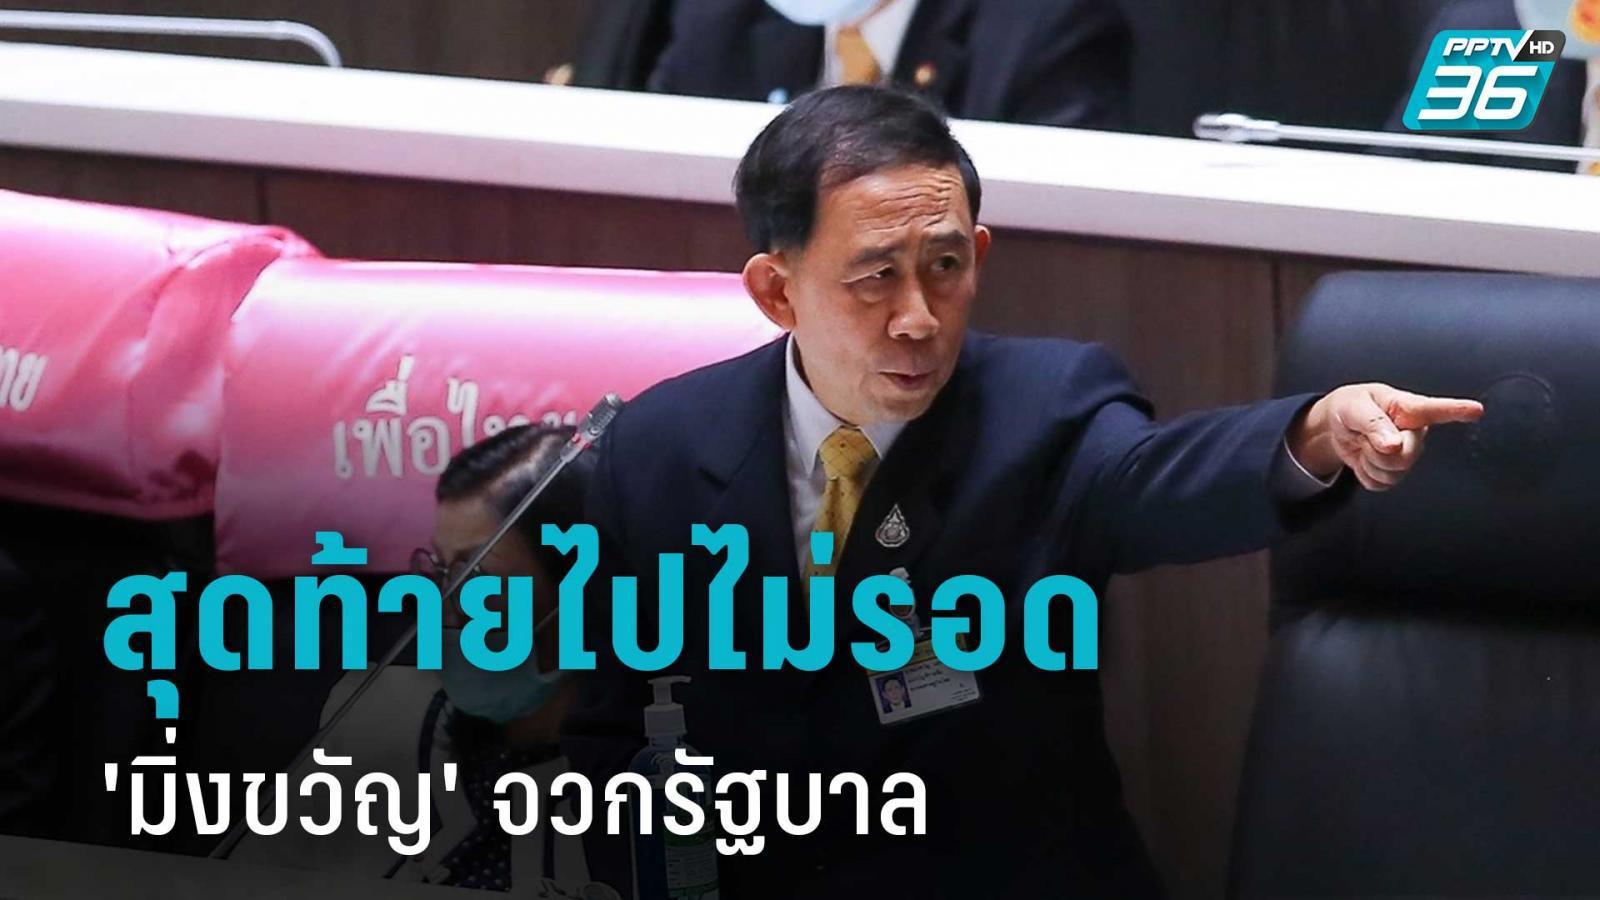 เศรษฐกิจไทยเหมือนคนขาดออกซิเจน  'มิ่งขวัญ' สับ รบ. ตั้งงบฯเละ ไม่ประเมินความจริง